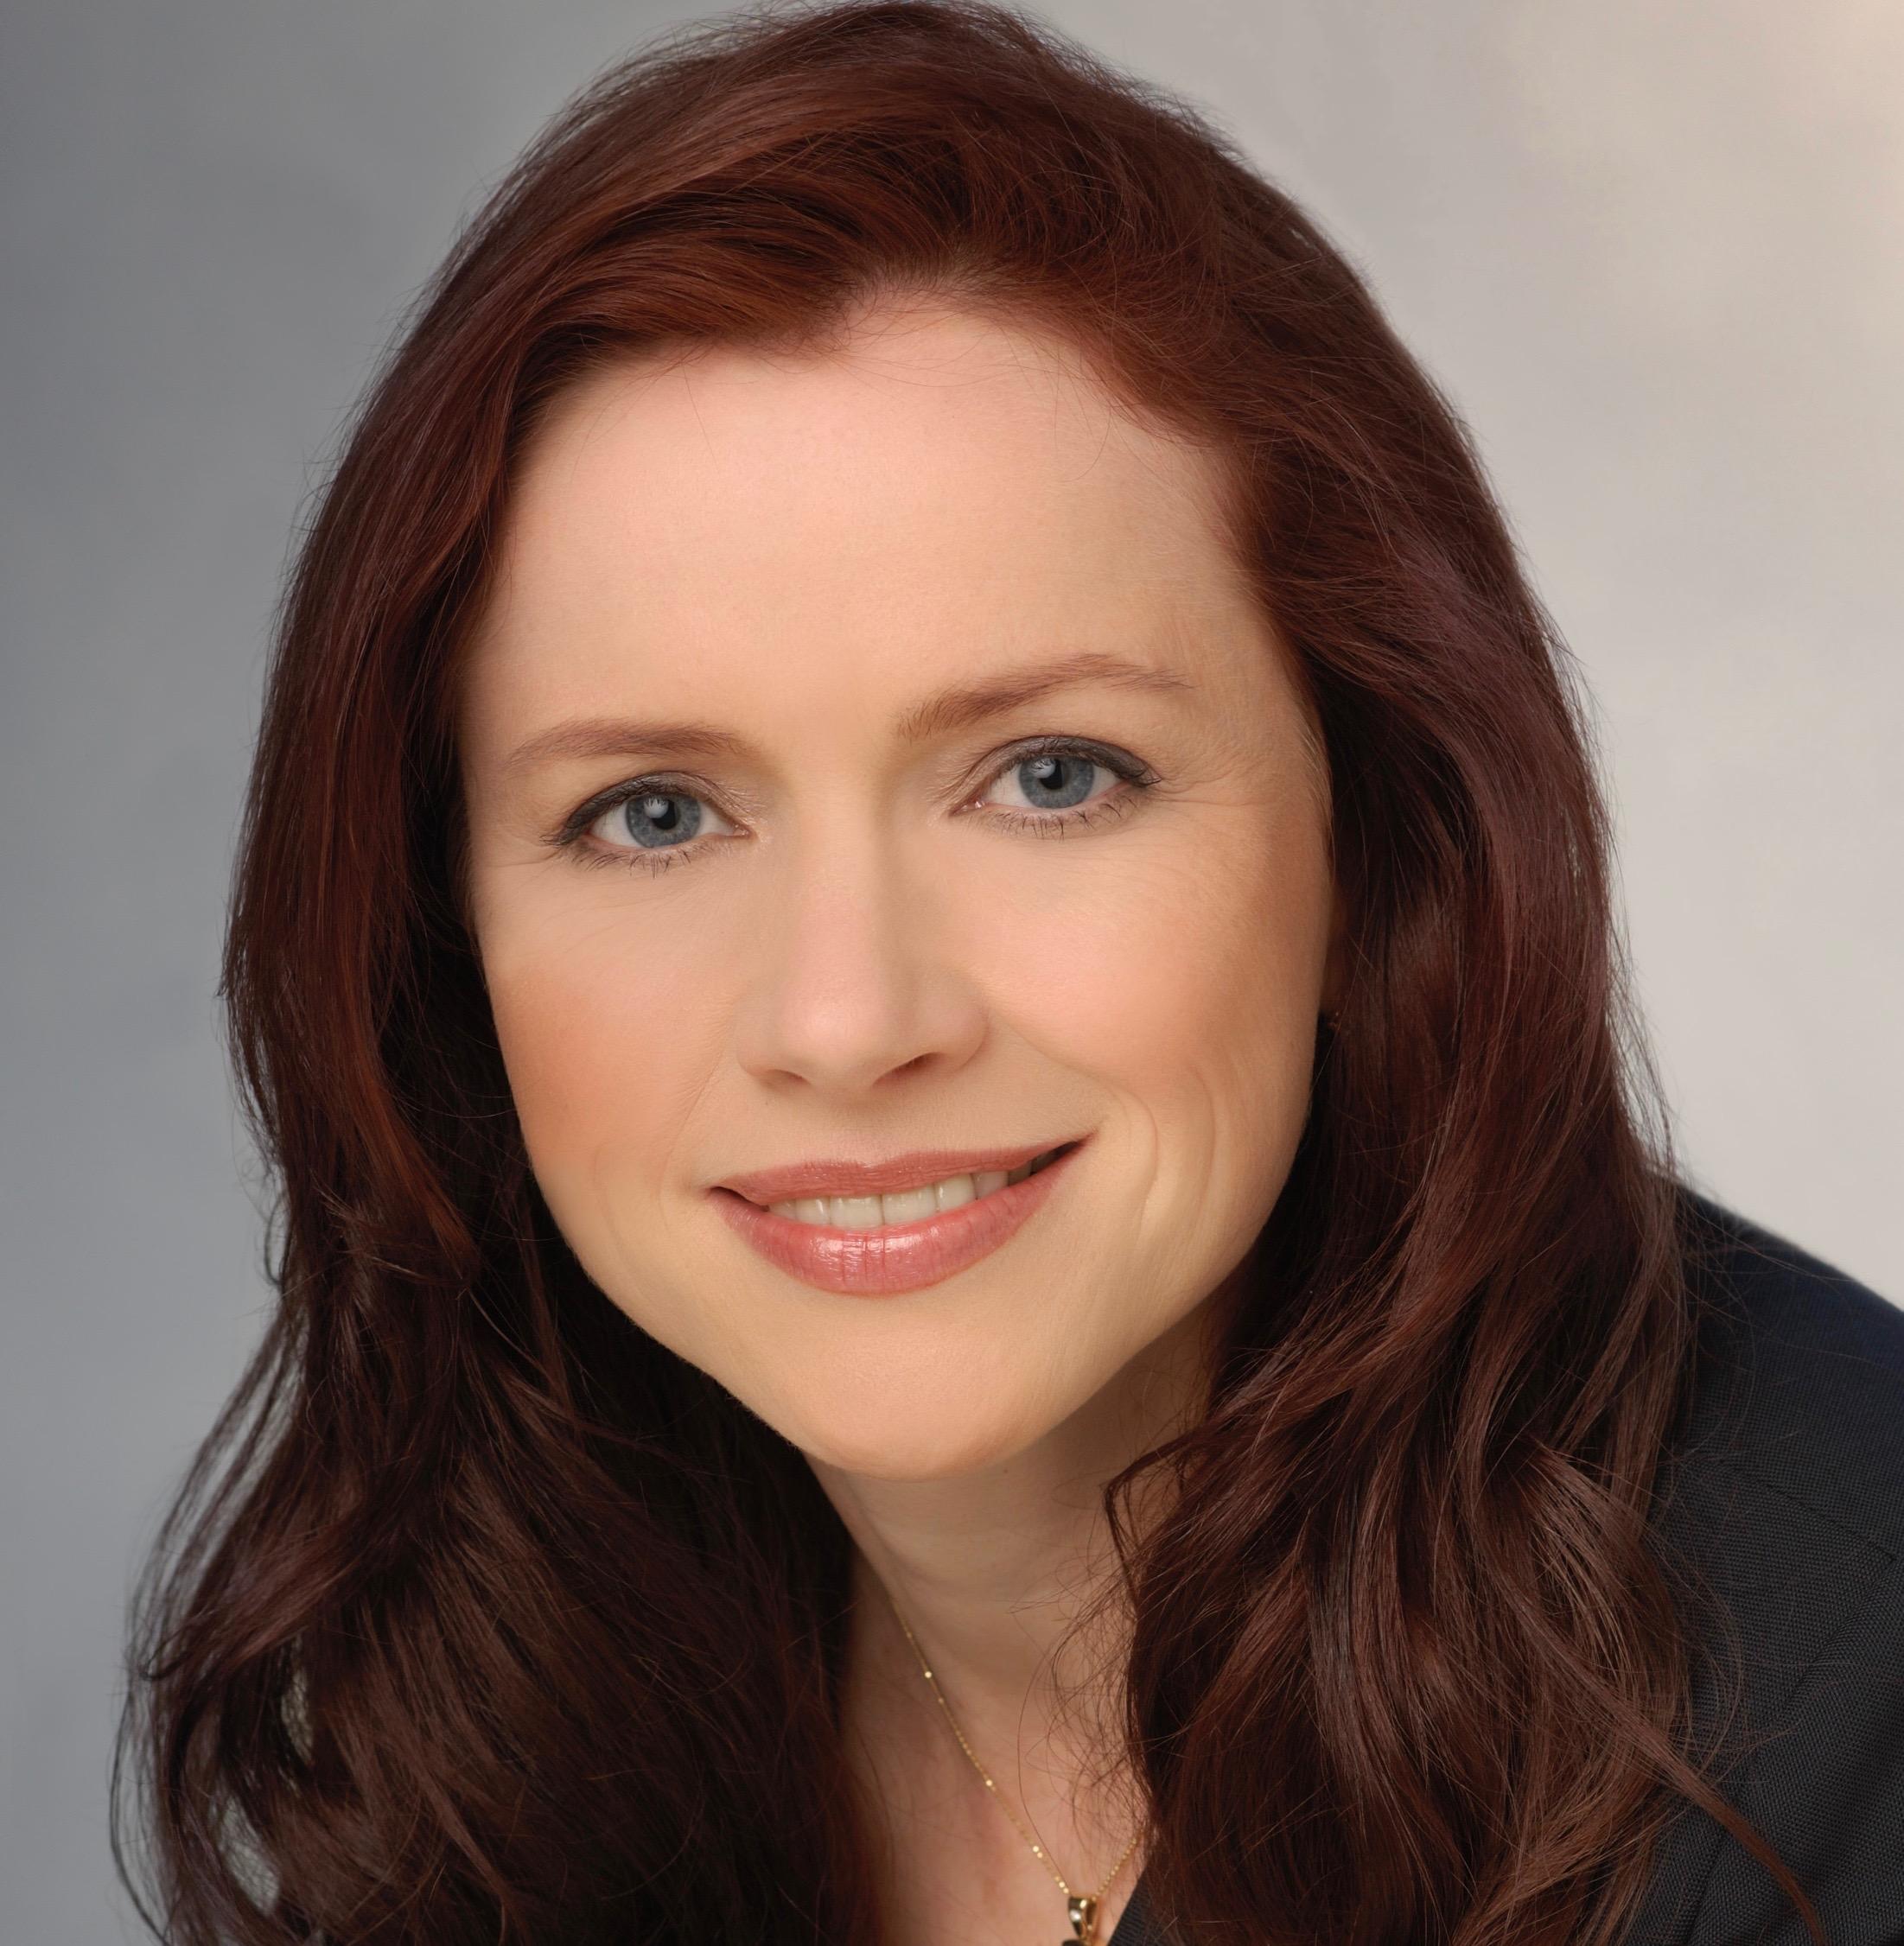 Jenny Martin Net Worth